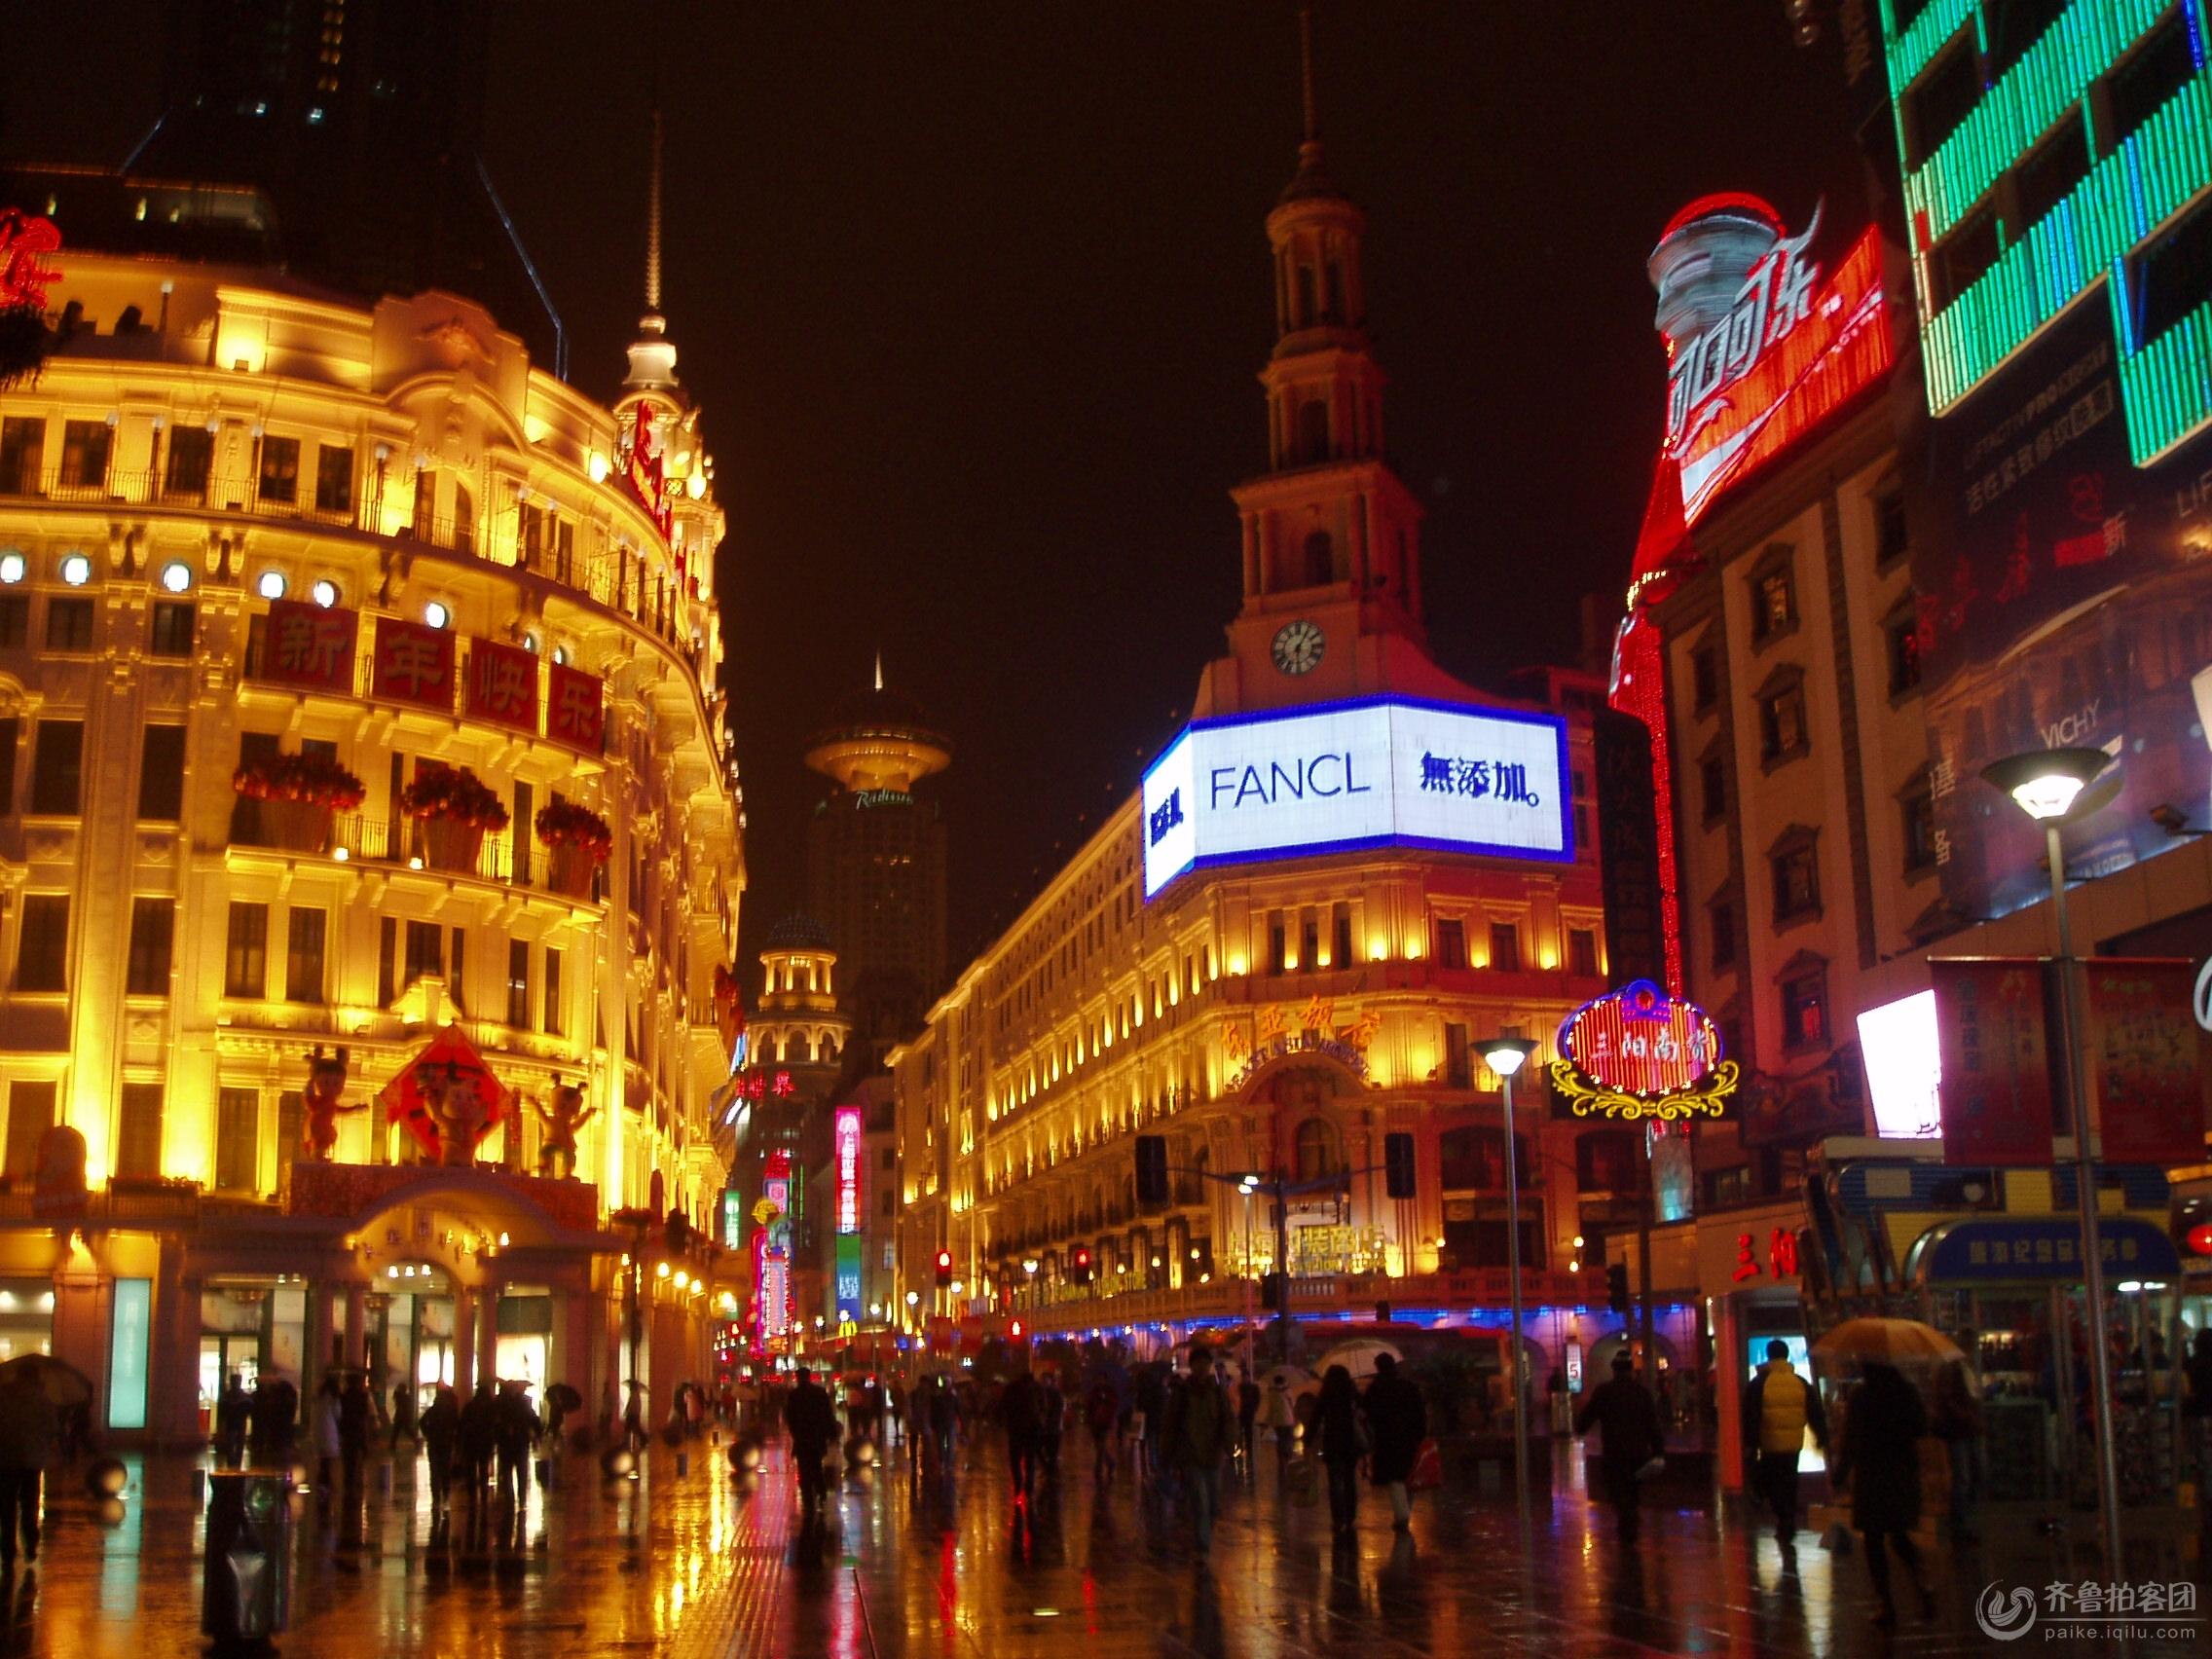 城市街道夜景图片